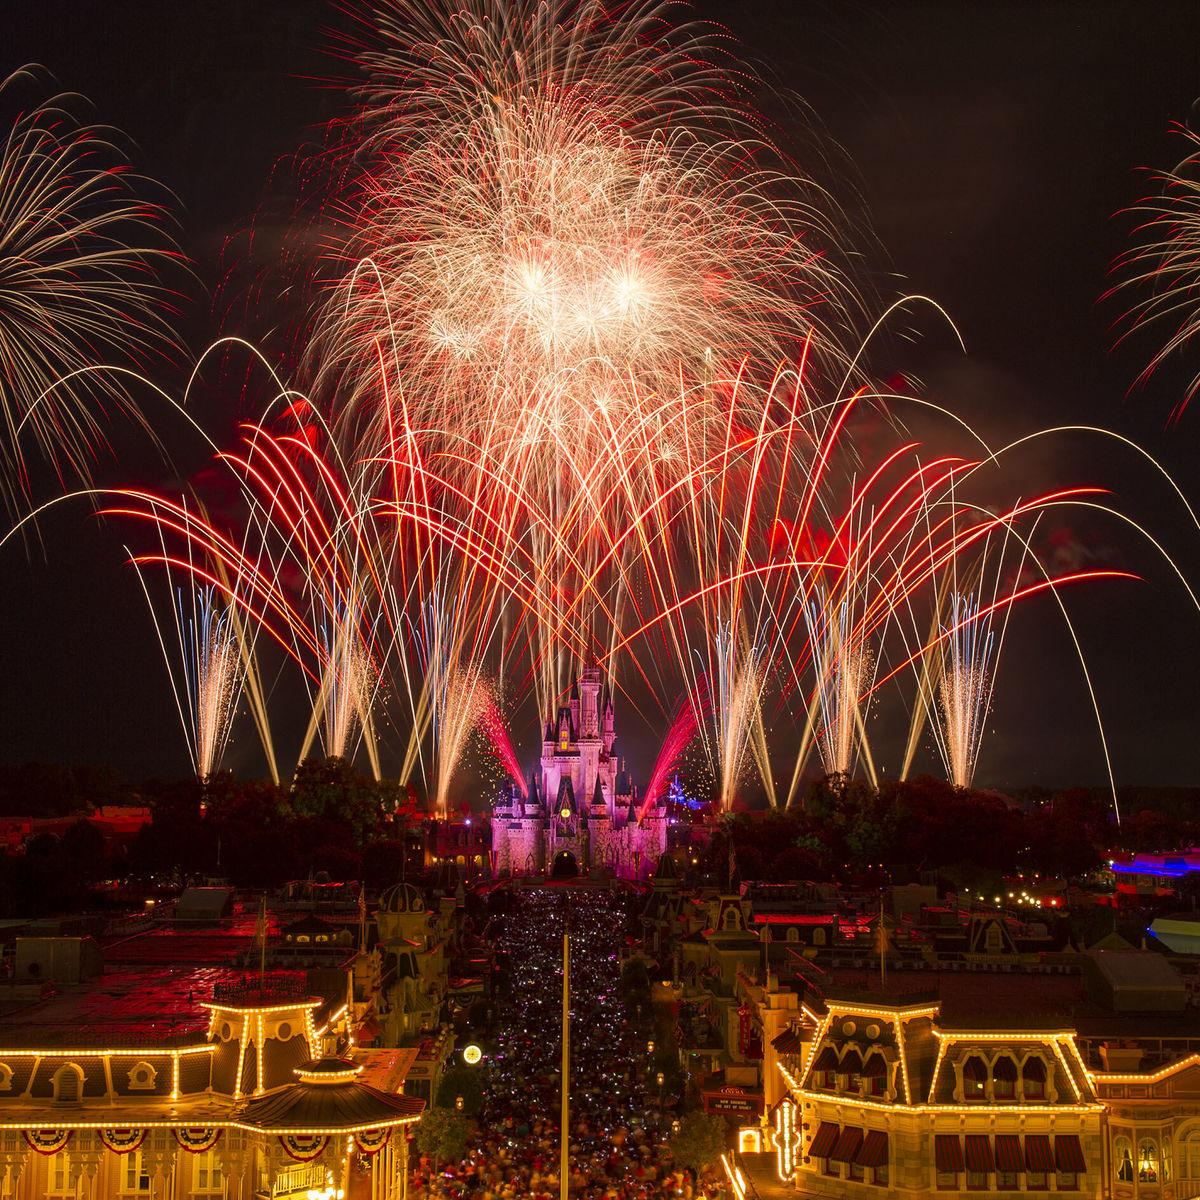 Fireworks over Cinderella Castle at Walt Disney World